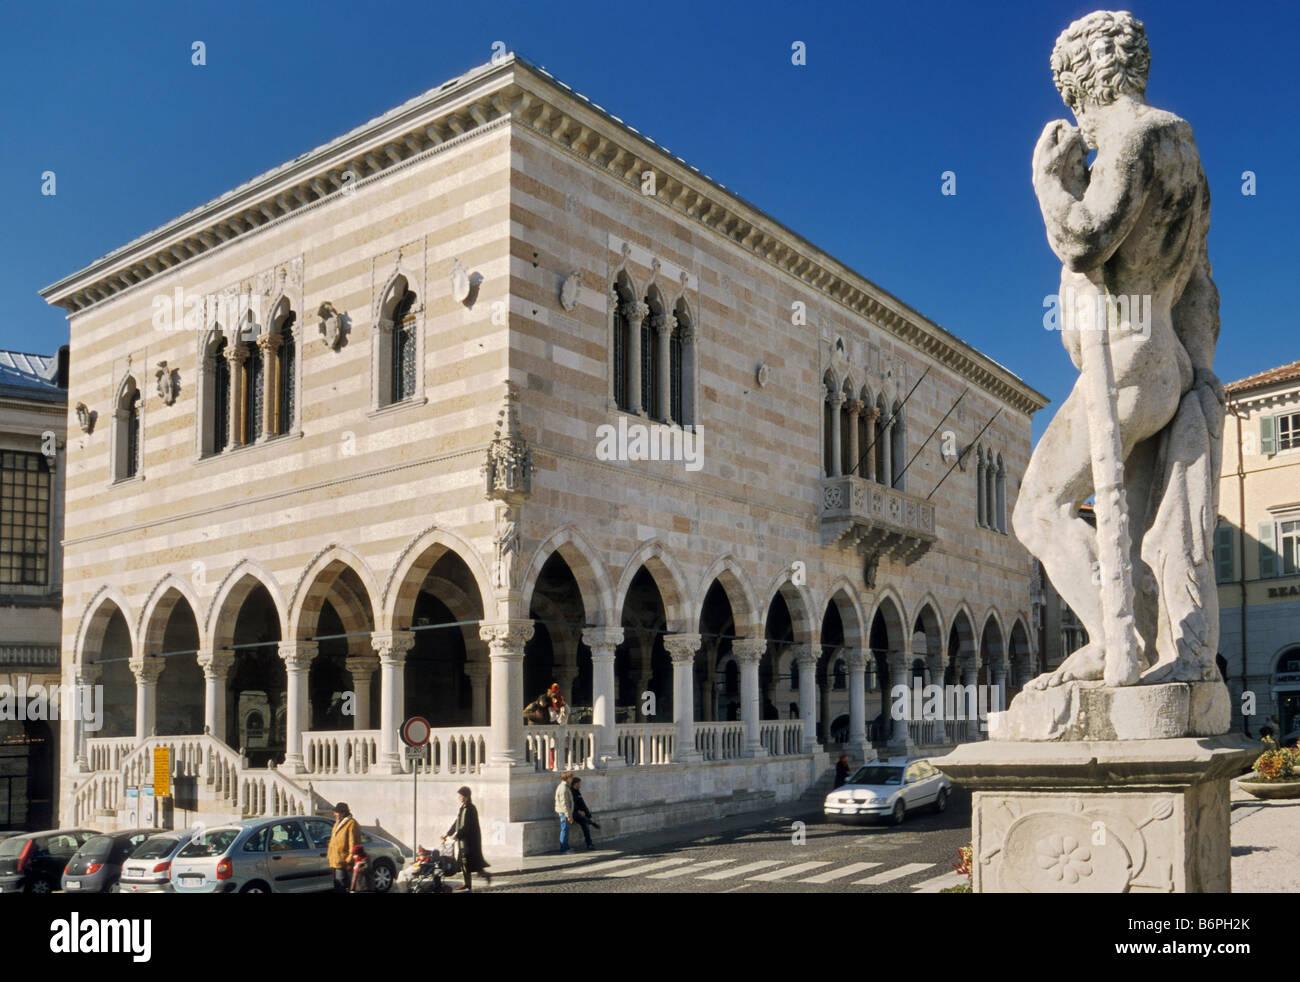 Palazzo del Comune also known as Palazzo del Municipio and as Loggia del Lionello at Piazza della Liberta in Udine - Stock Image